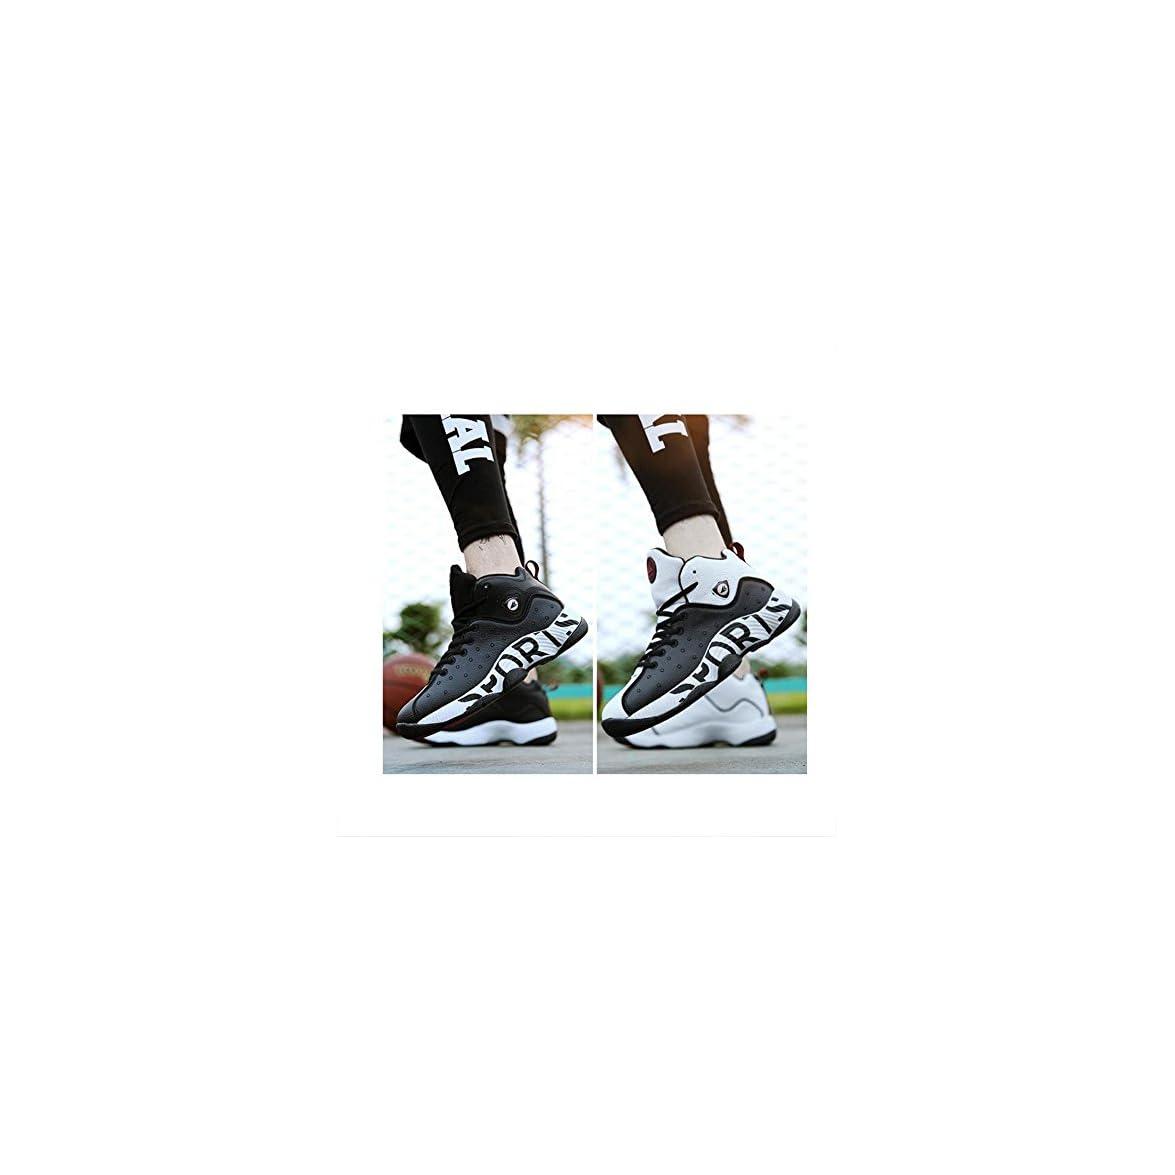 Posiey Uomo Pallacanestro Scarpe Primavera Autunno Moda Tempo Libero Cuscino D'aria Fondo Spesso Traspirante Gli Sport Antiscivolo Allacciare Leggero Ammortizzazione Scarpa Uk 5 5 Eu 38